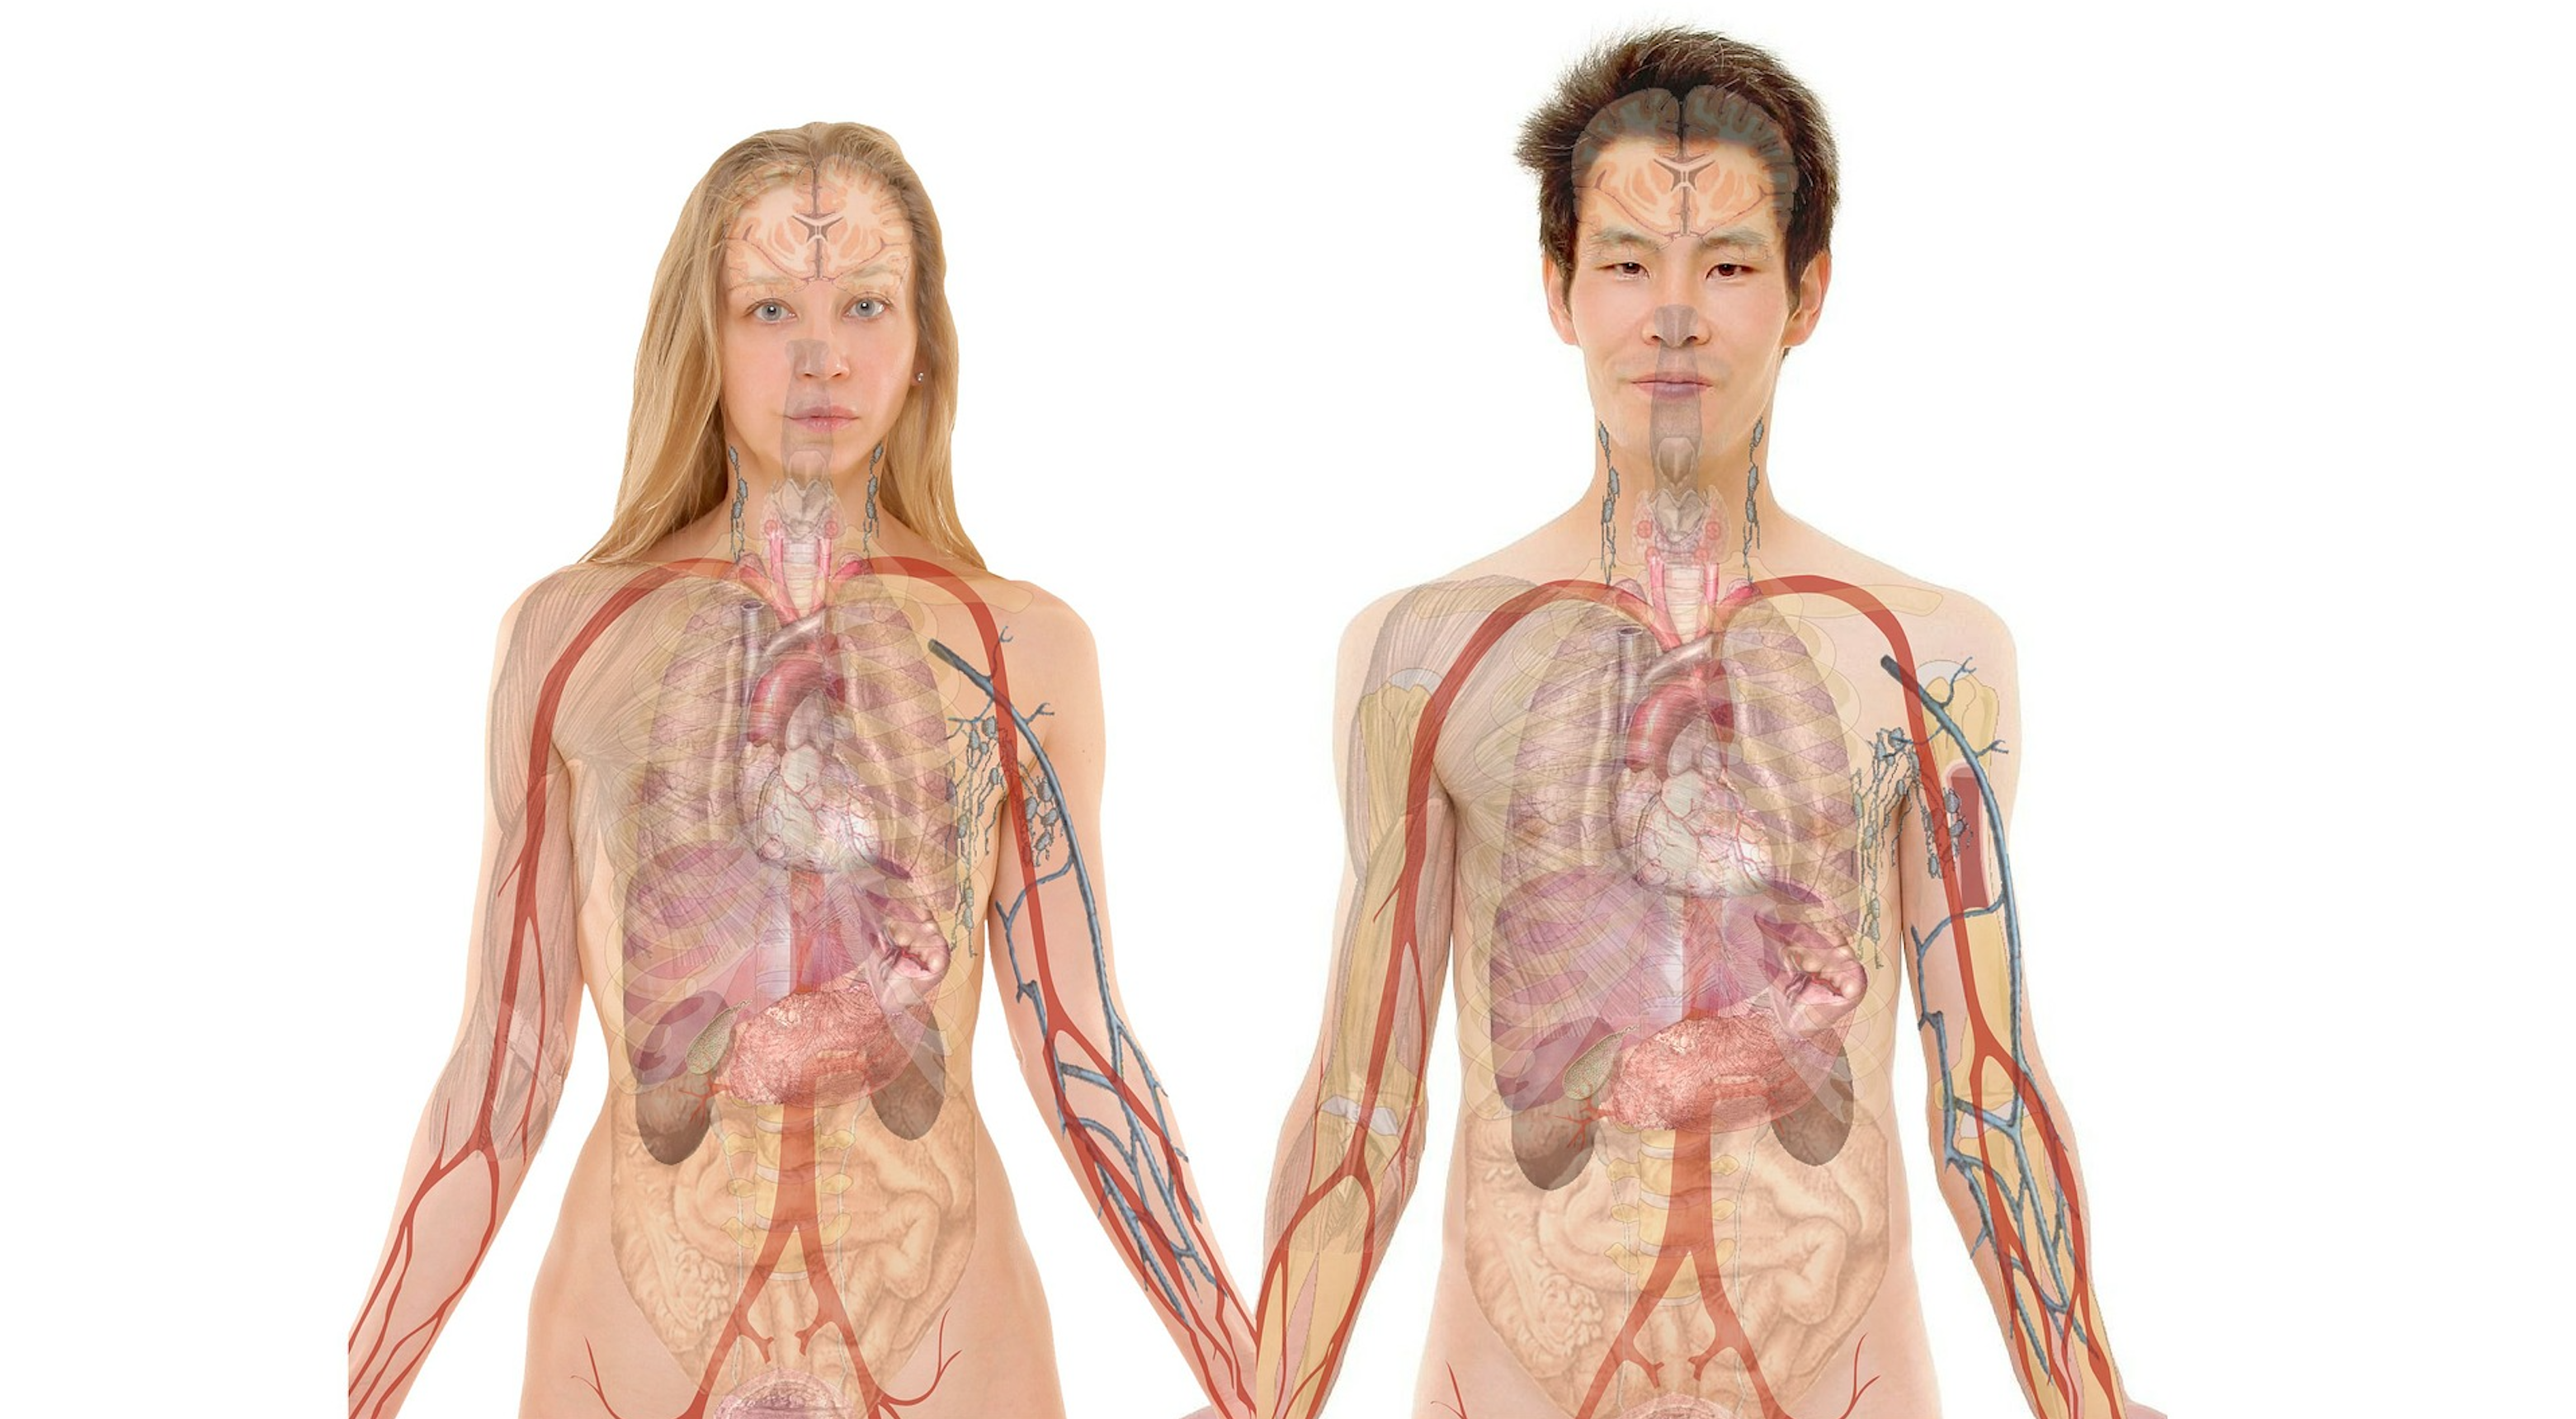 Human Kidneys